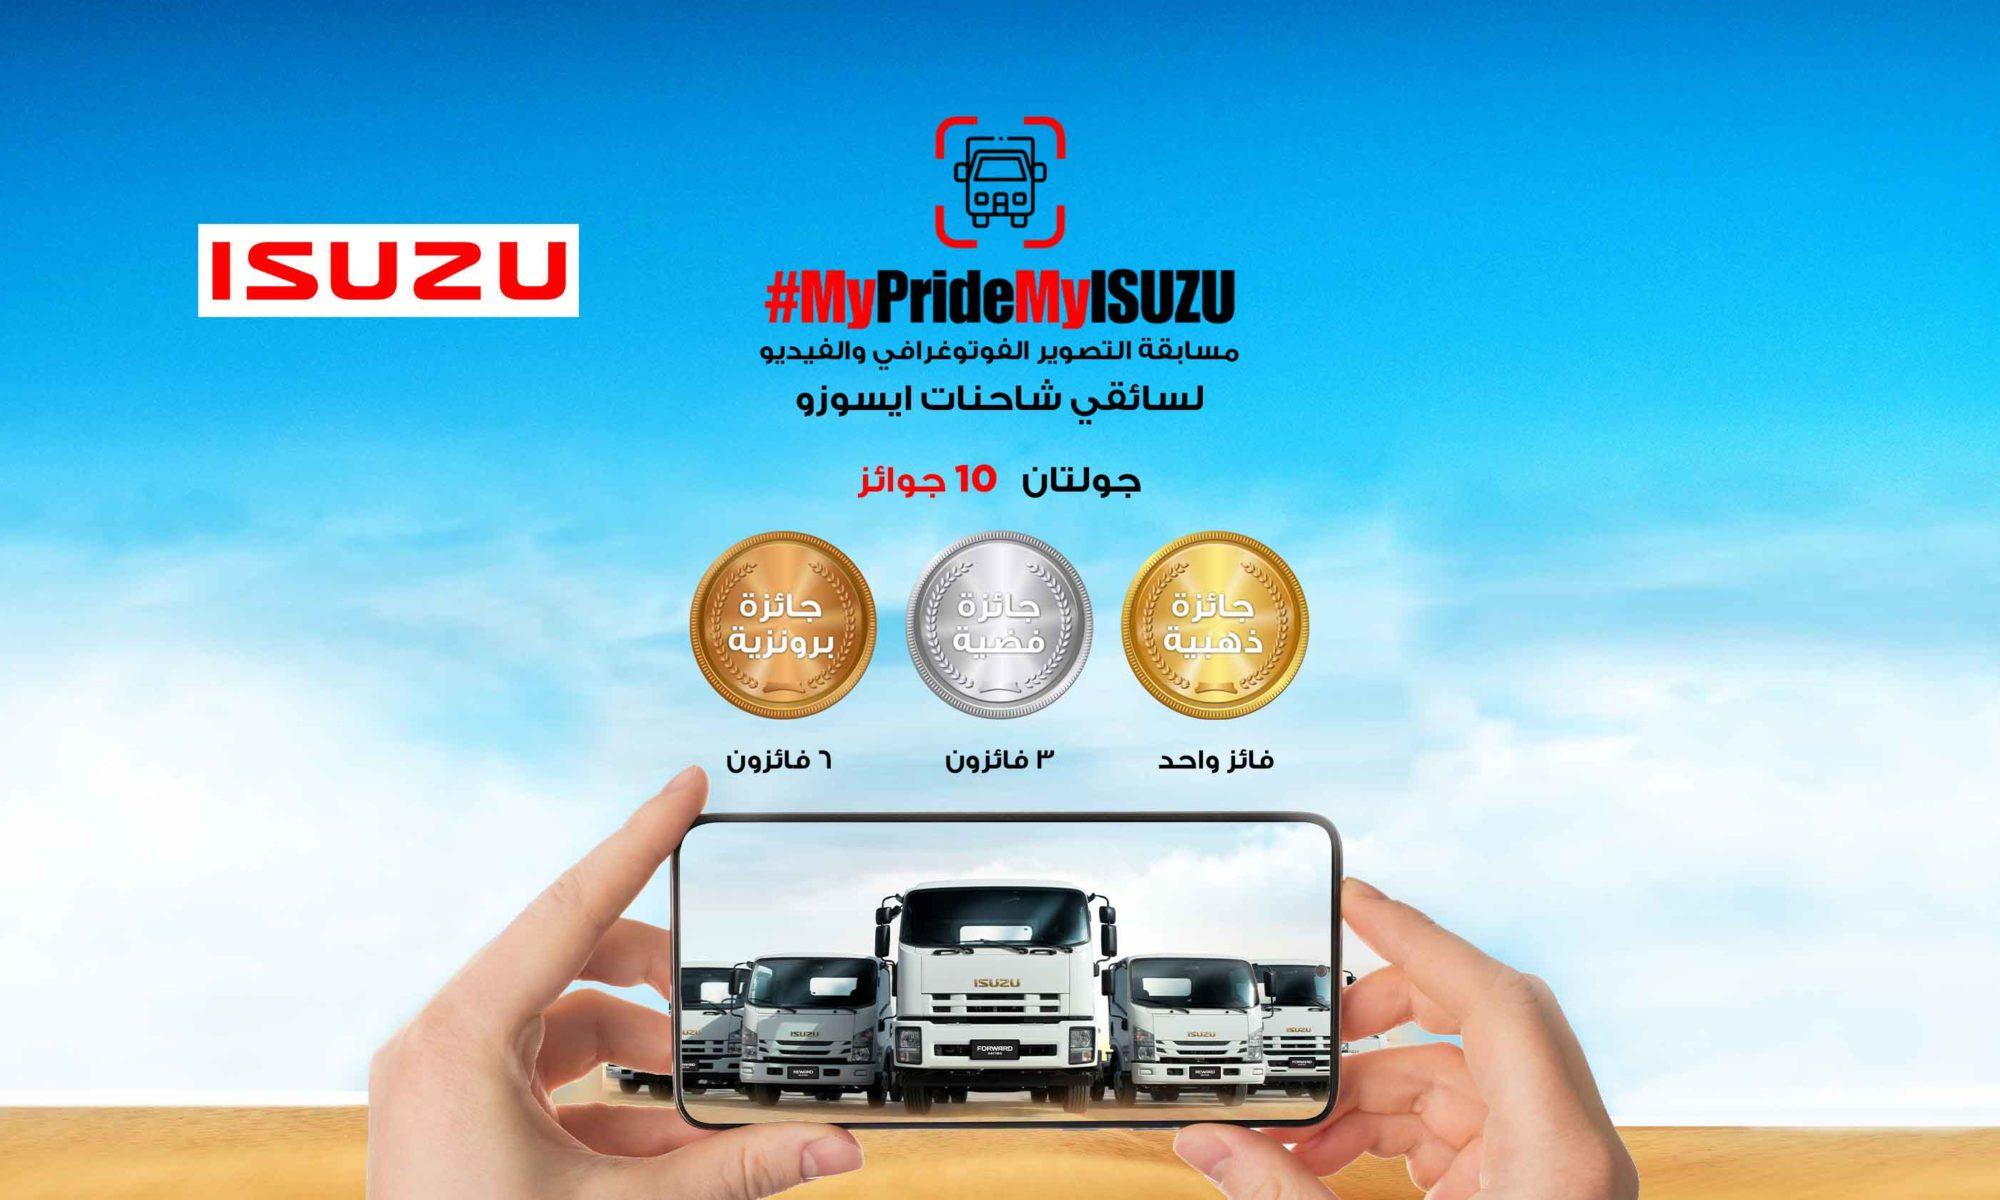 قواعد وأحكام وشروط المشاركة في مسابقة #MyPrideMyISUZU على وسائل التواصل الاجتماعي: